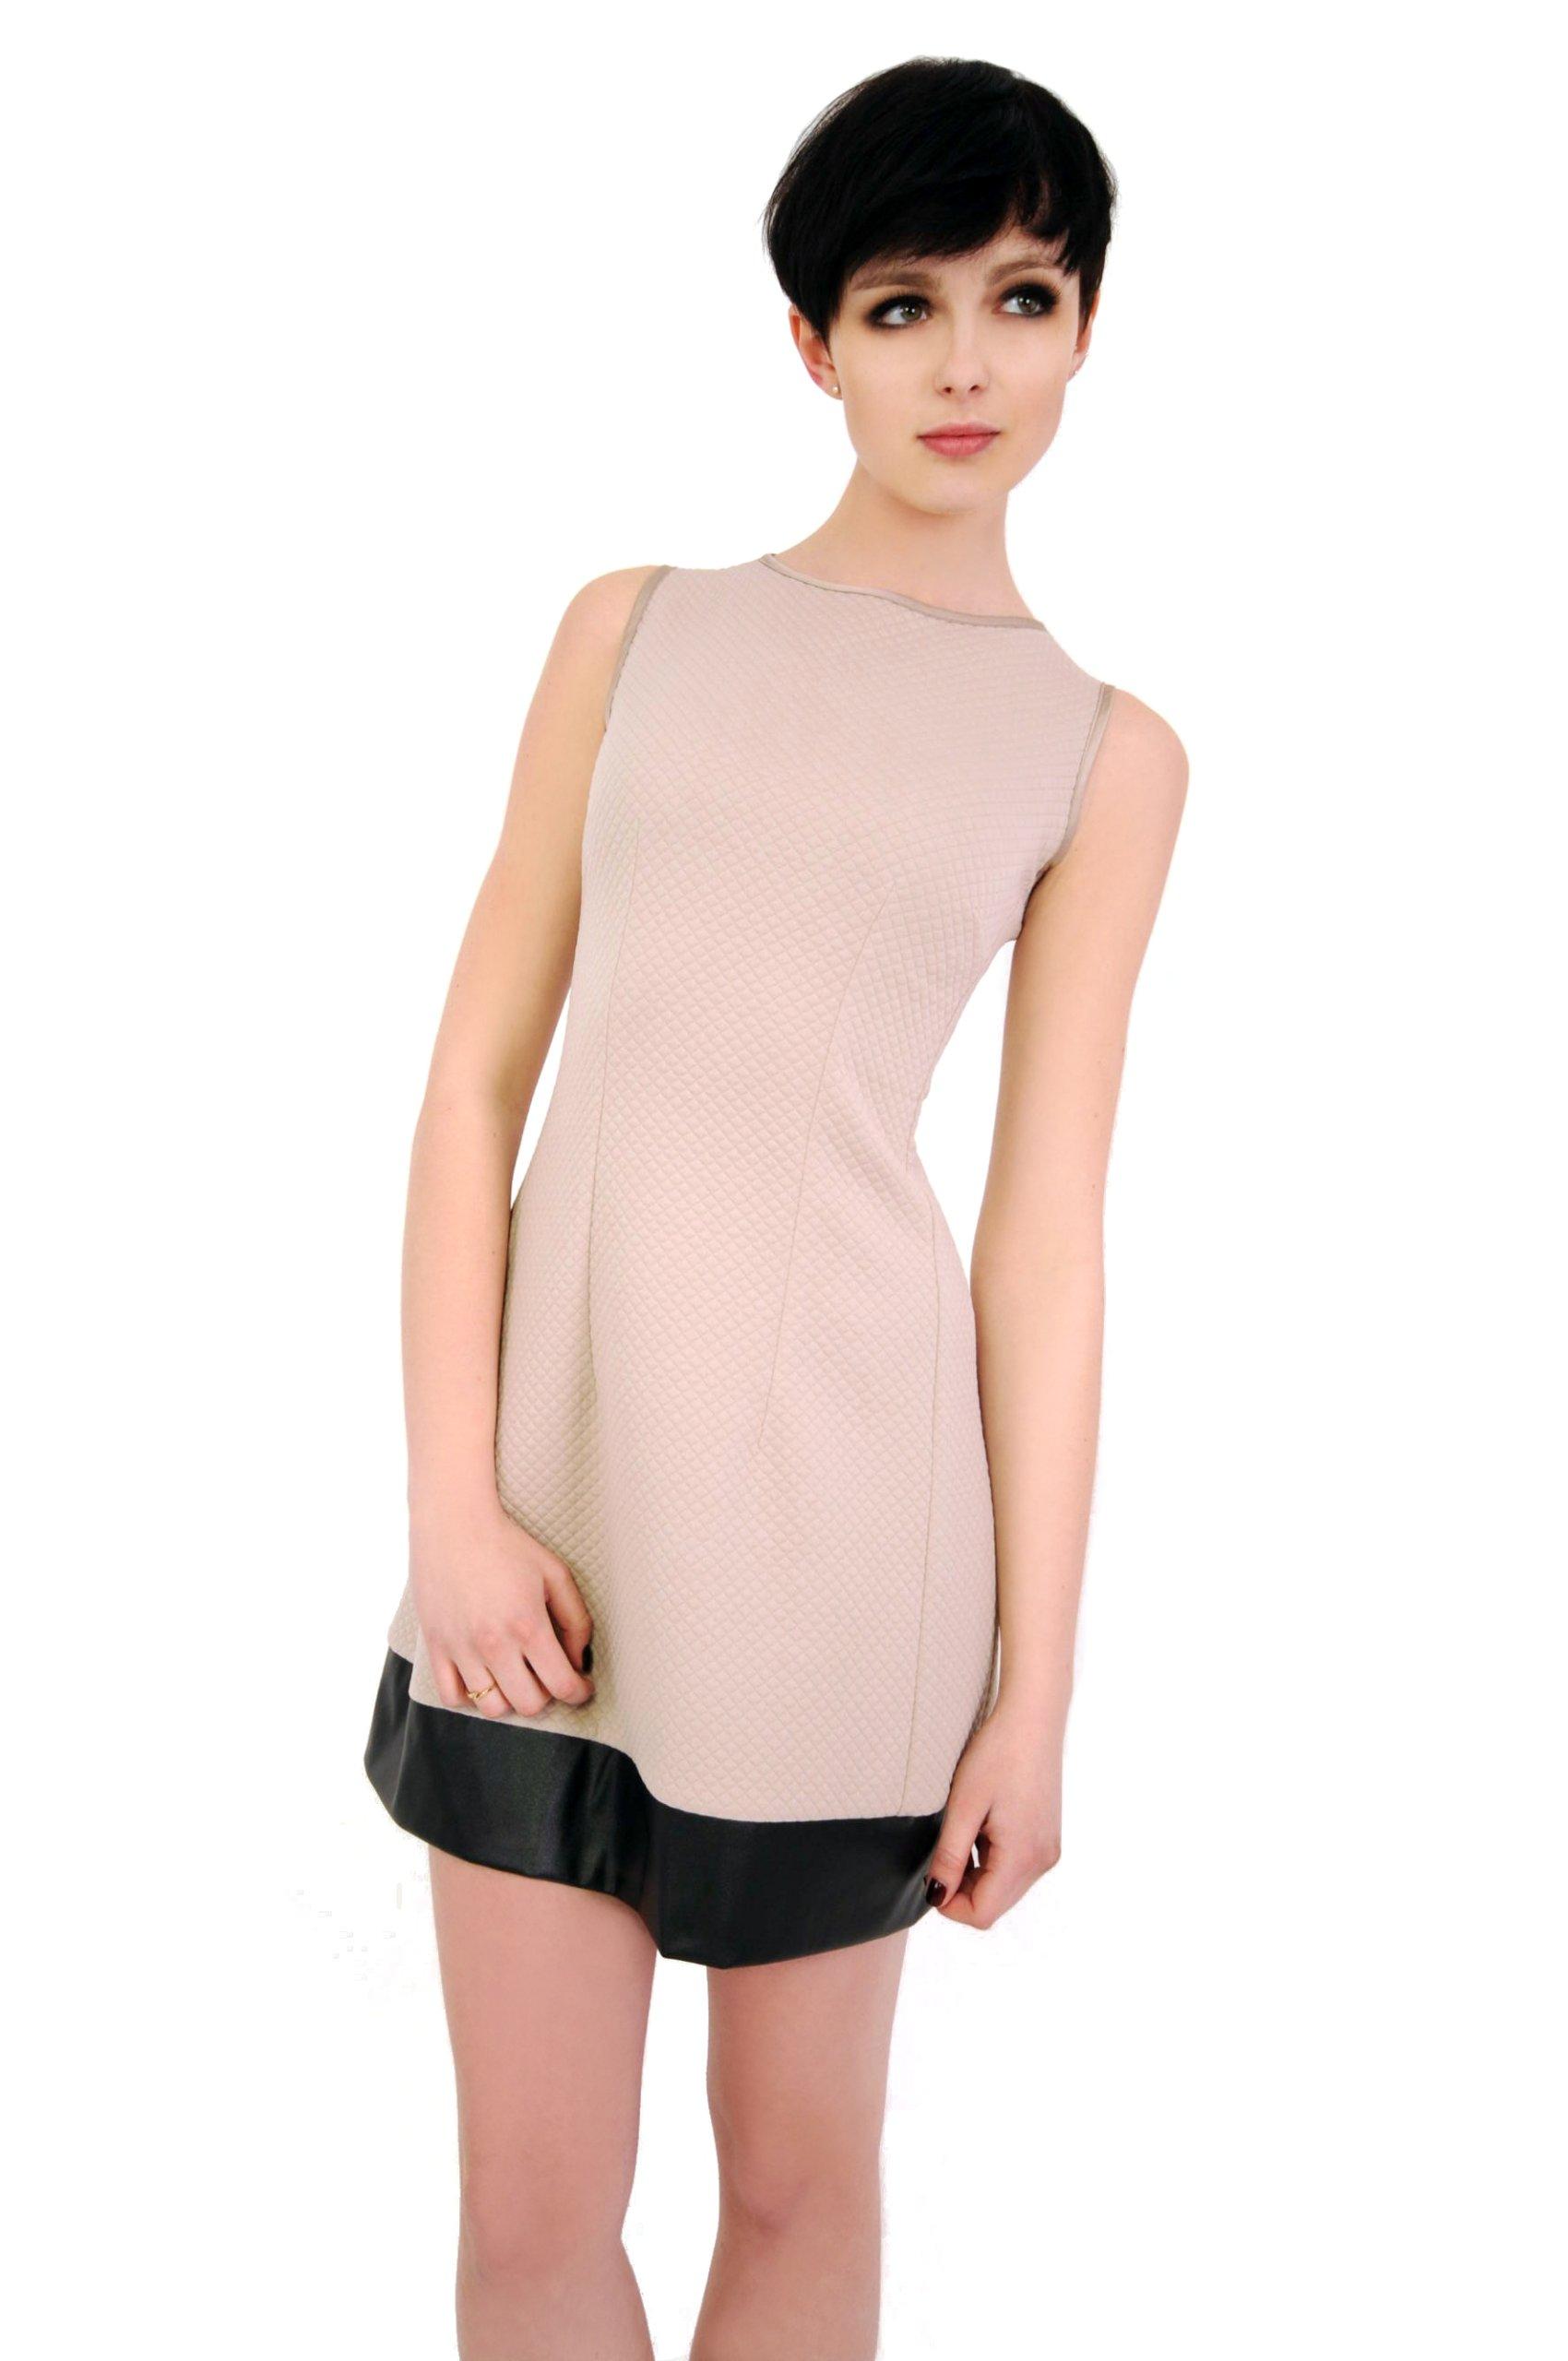 04670140f6 Klasyczna sukienka na wszystkie okazje 40 L - 7229696873 - oficjalne .